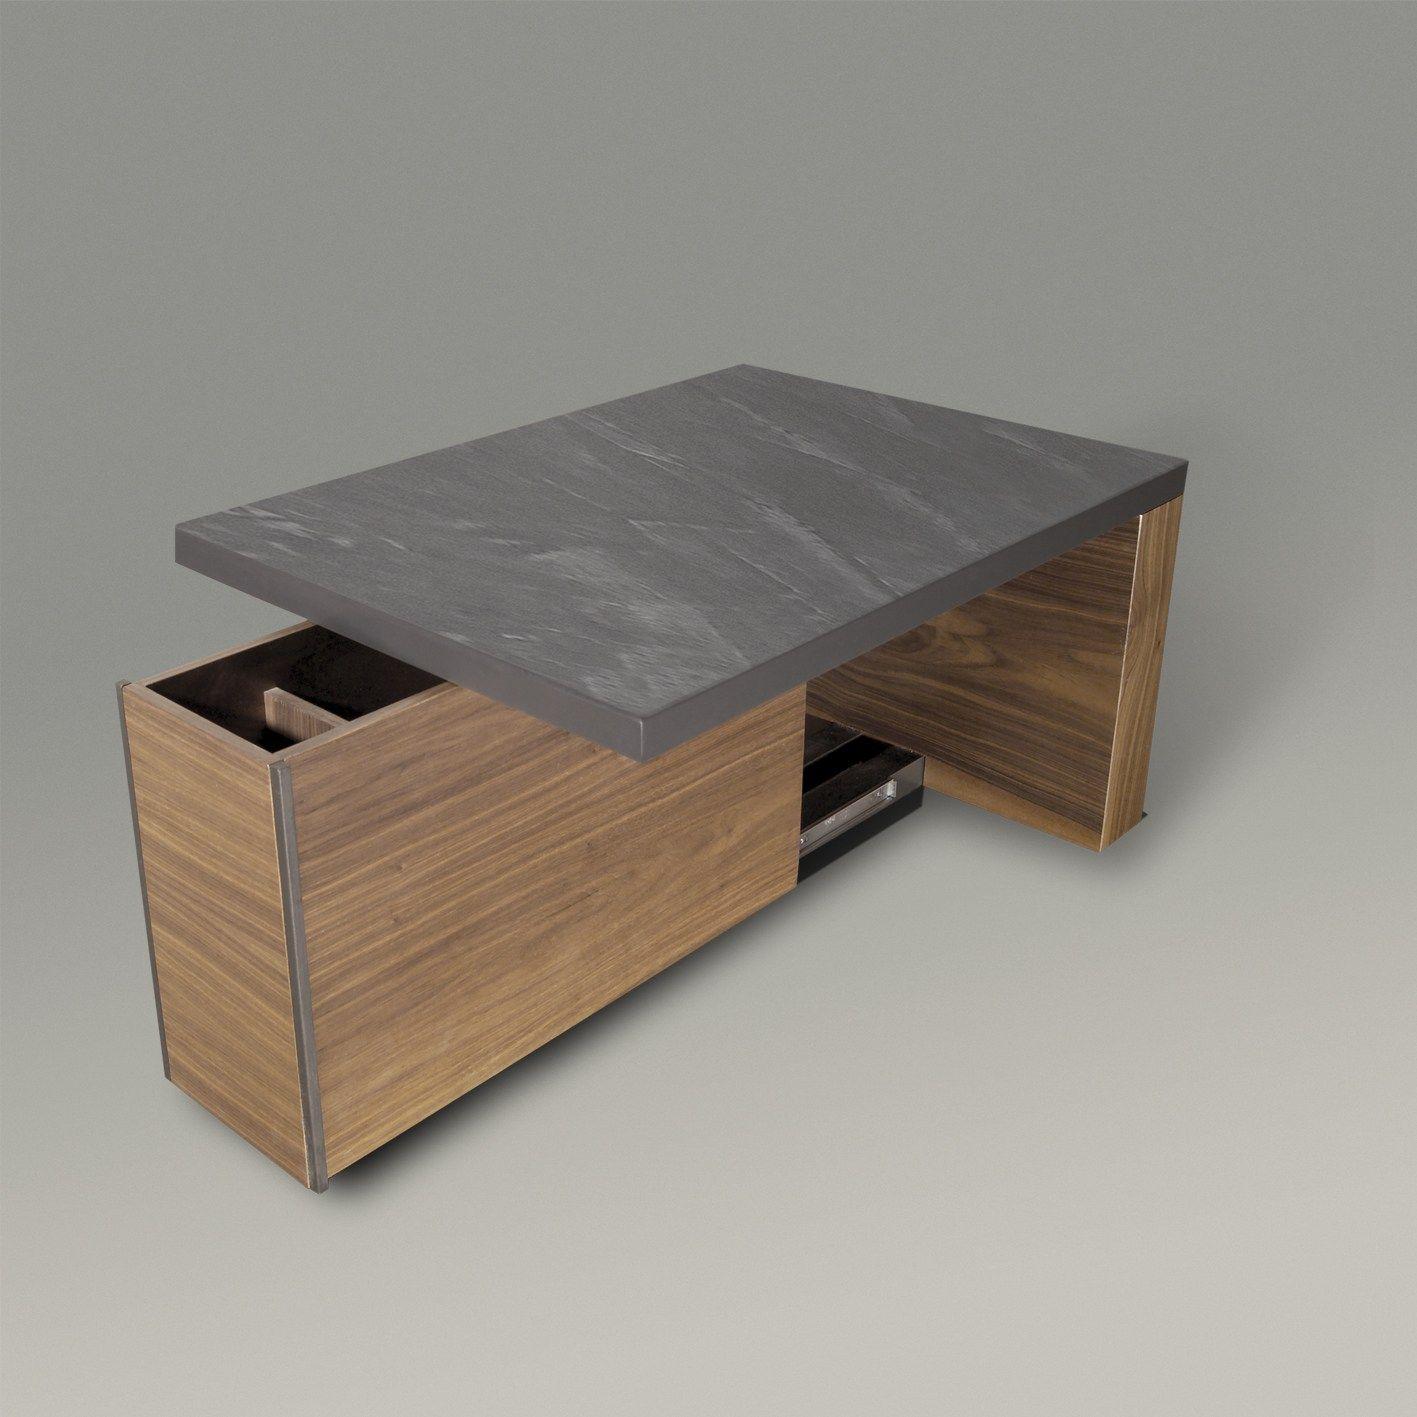 Table basse rectangulaire en bois avec porte revues - Table basse avec pouf integre ...